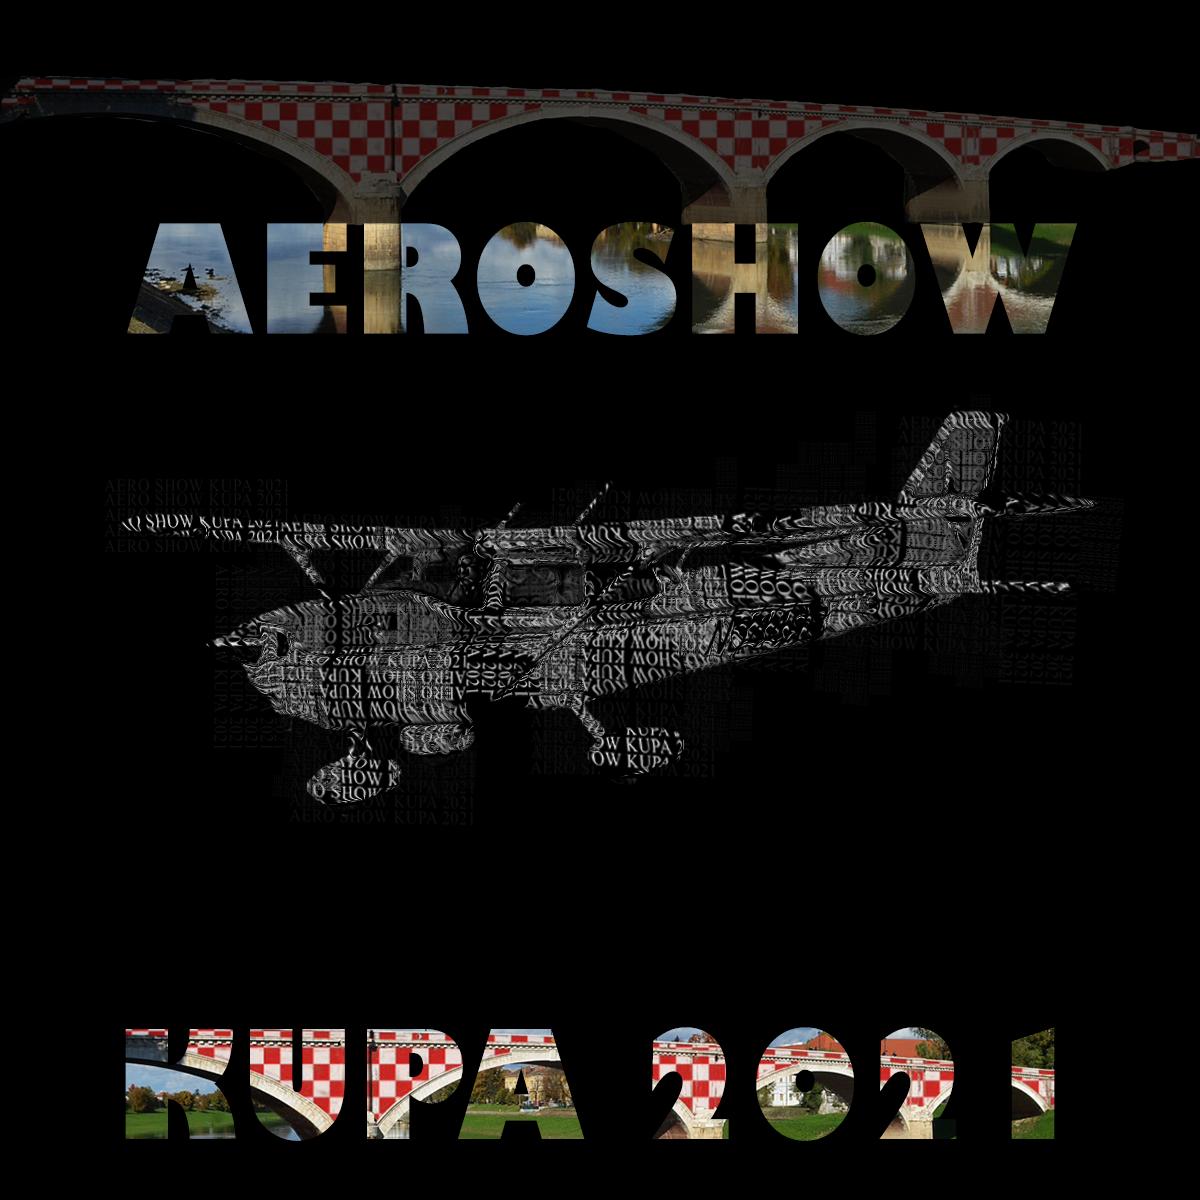 AEROSHOW KUPA 2021